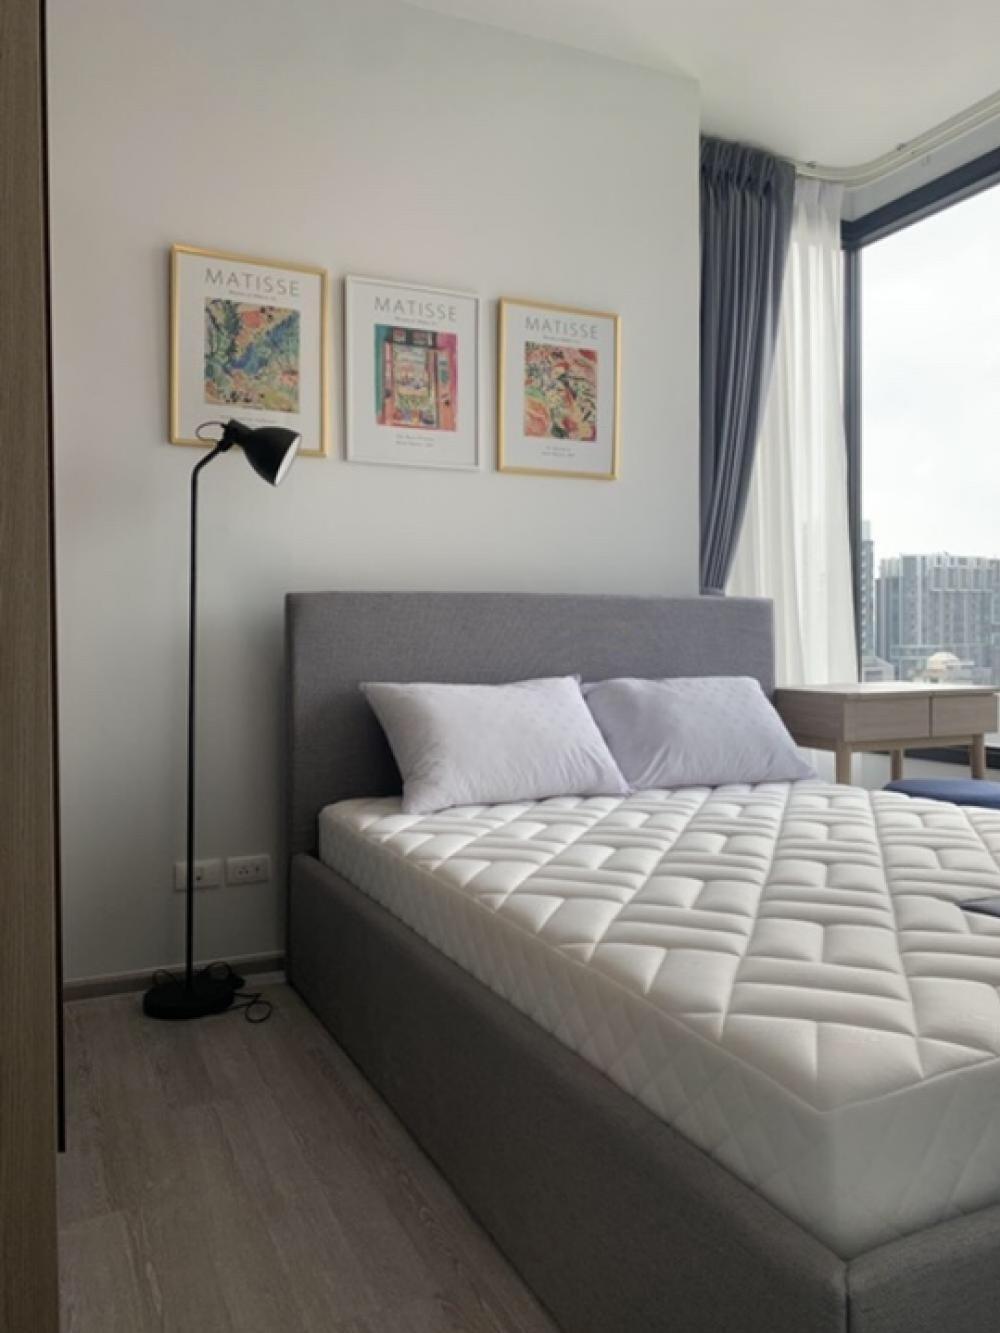 เช่าคอนโดสุขุมวิท อโศก ทองหล่อ : ให้เช่า XT Ekkamai ใจกลางเอกมัย ขนาด 1 ห้องนอน,  30 ตร.ม. ชั้น 10 ห้องมุม